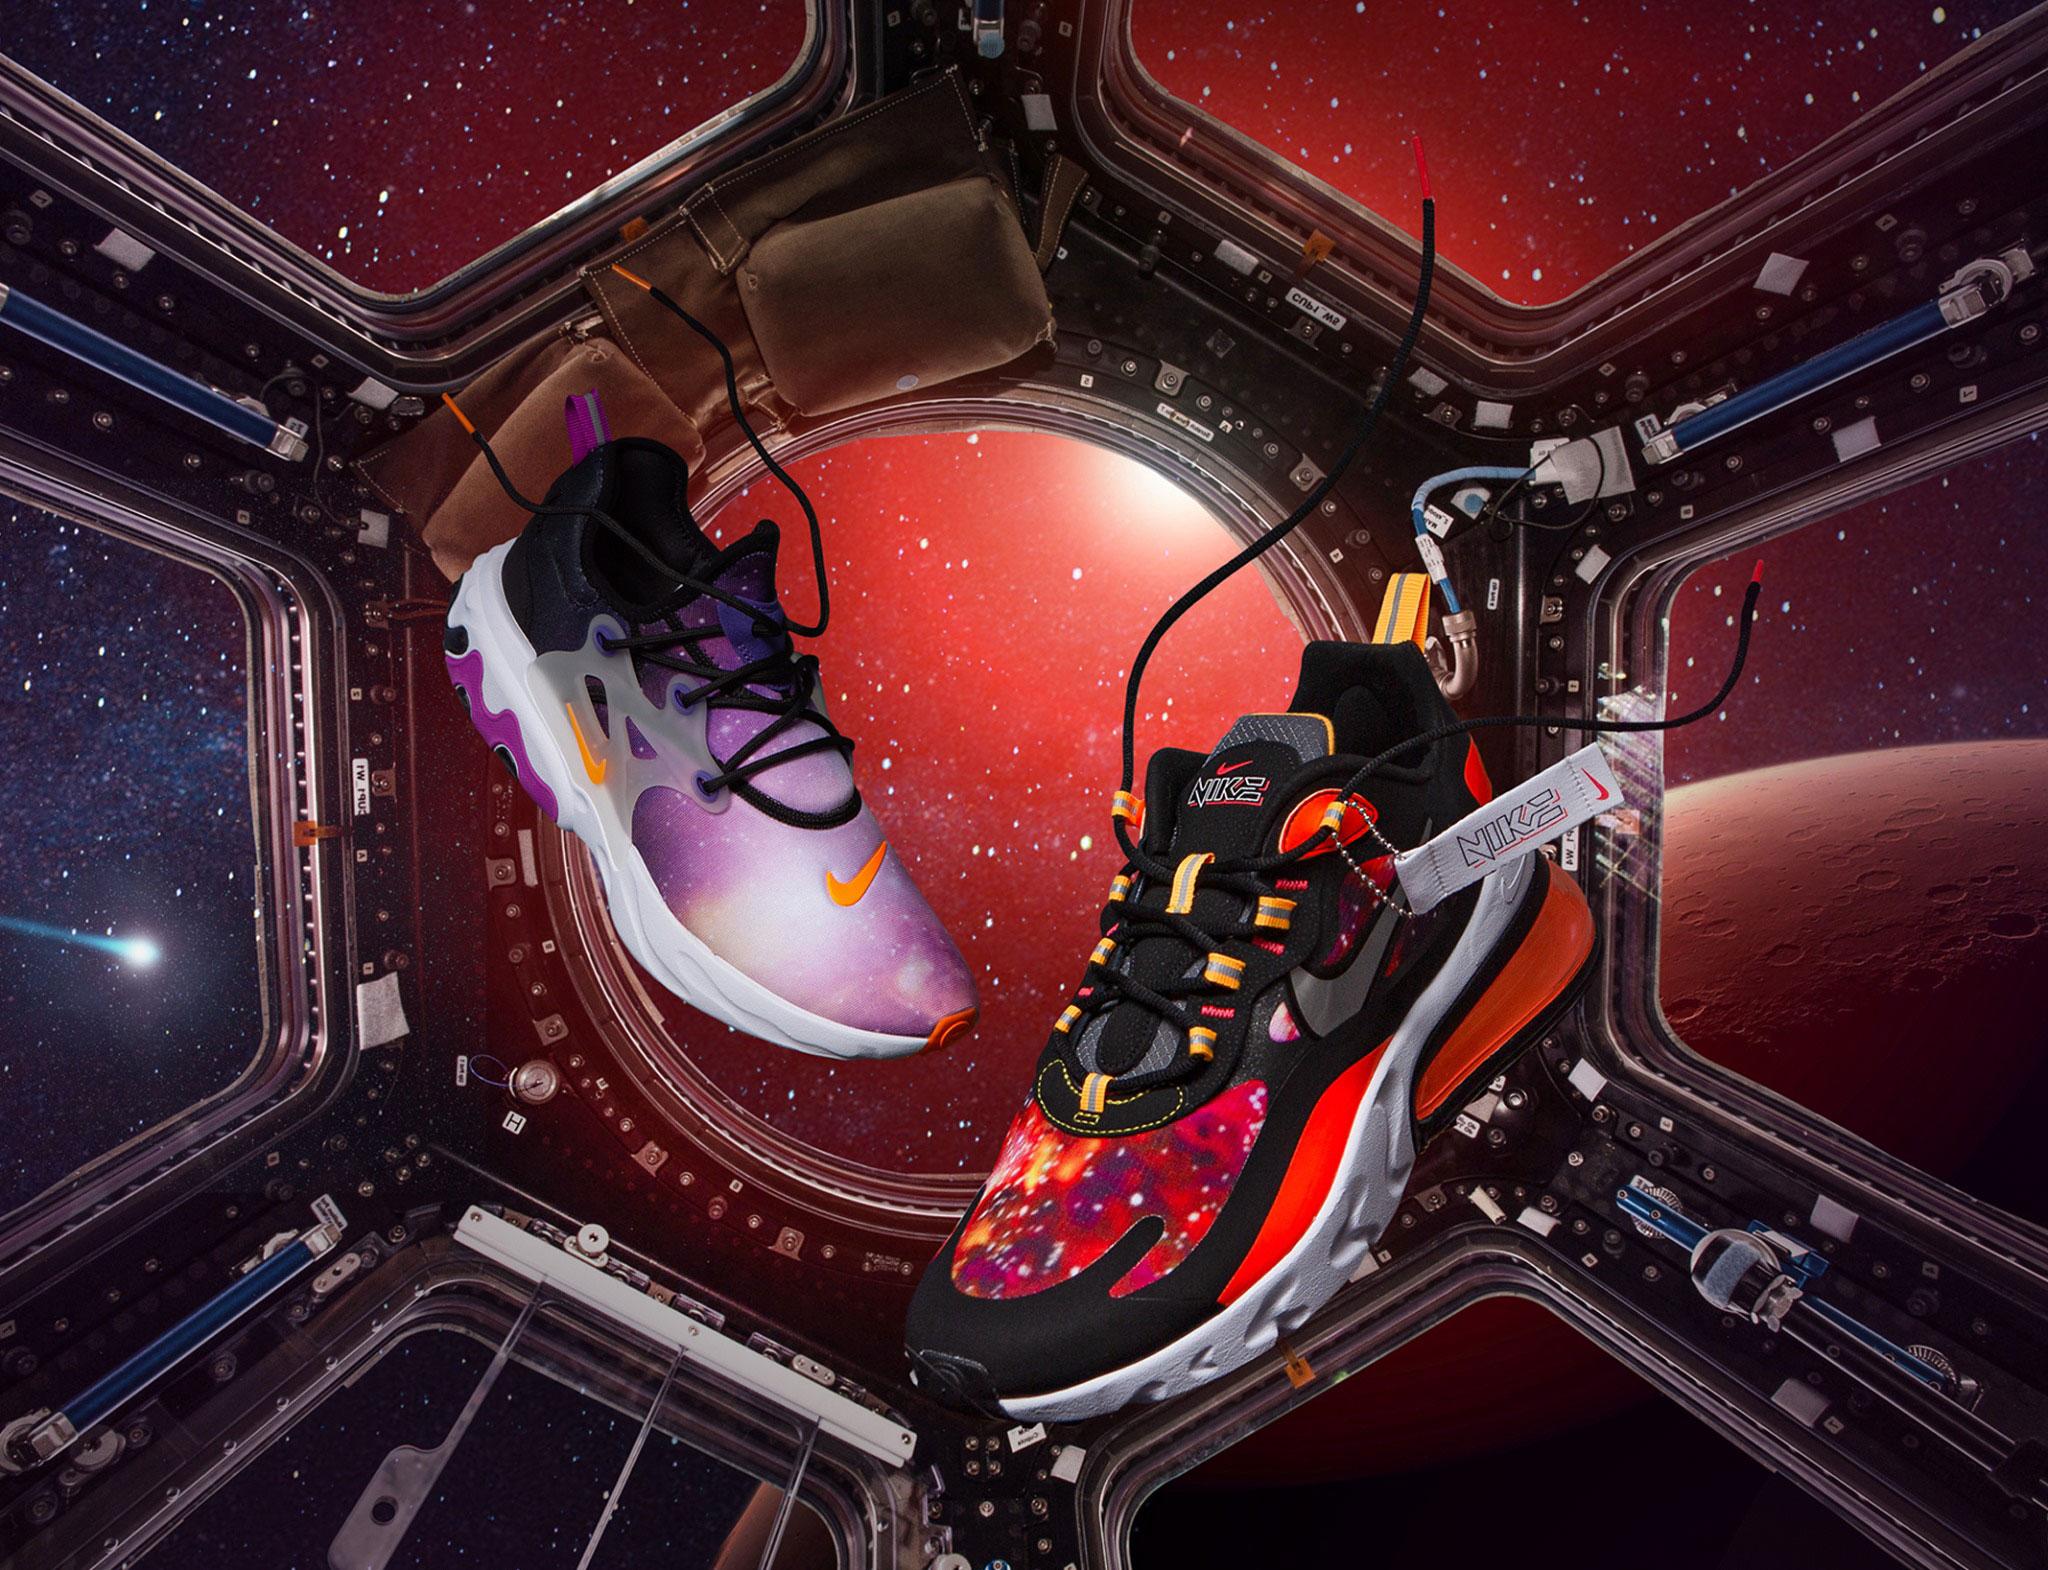 nike-supernova-2020-sneakers-2